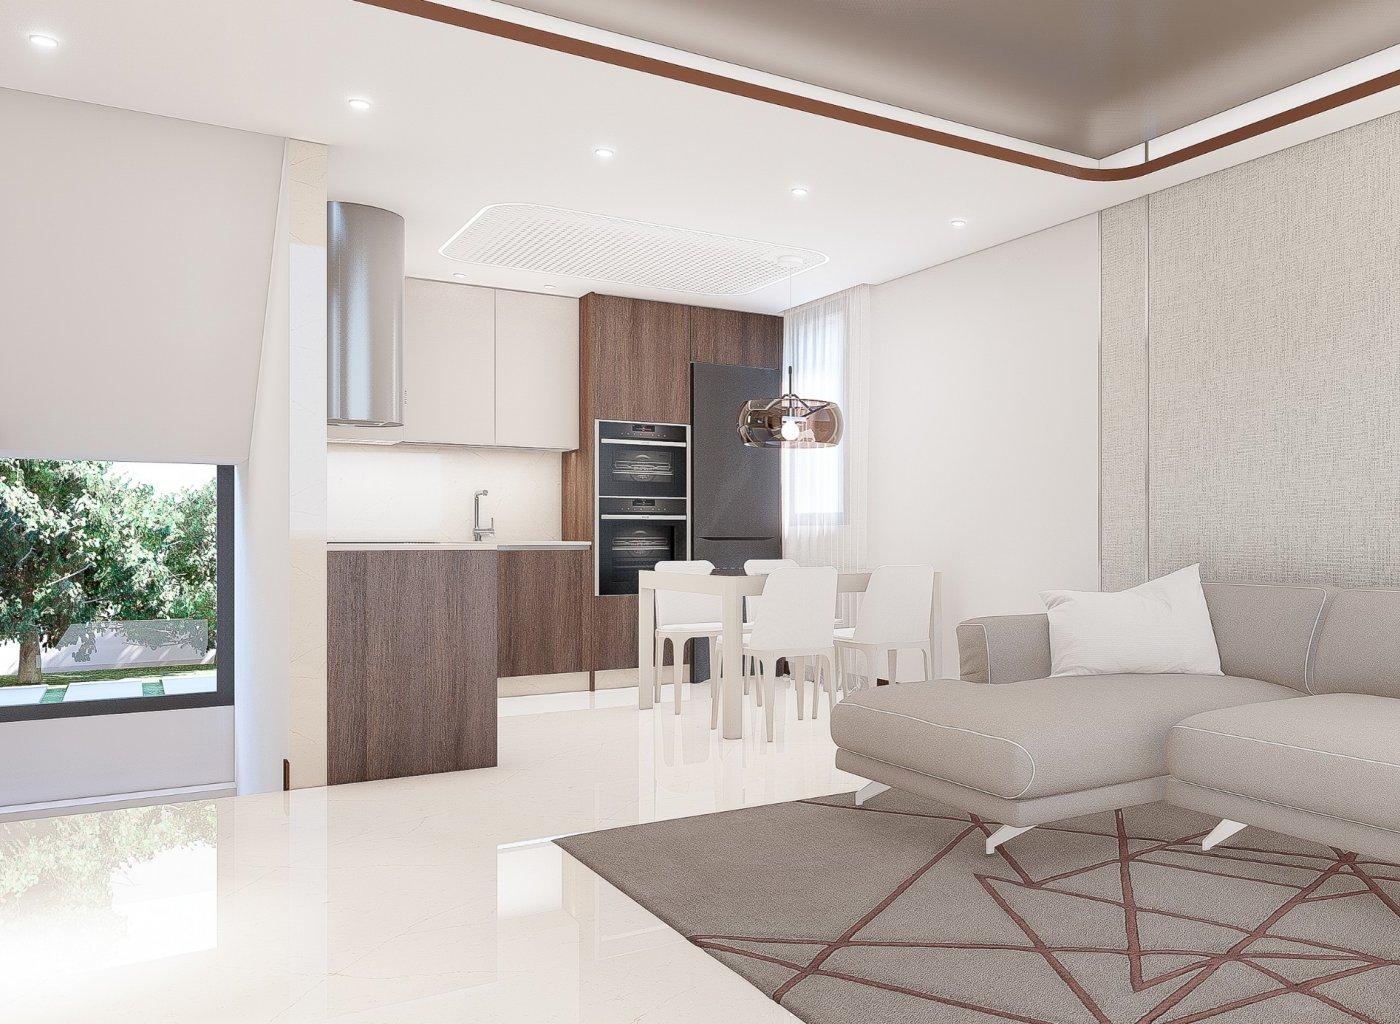 Magnífica villa diseñada para disfrutar de más de 300 días soleados al año. - imagenInmueble5